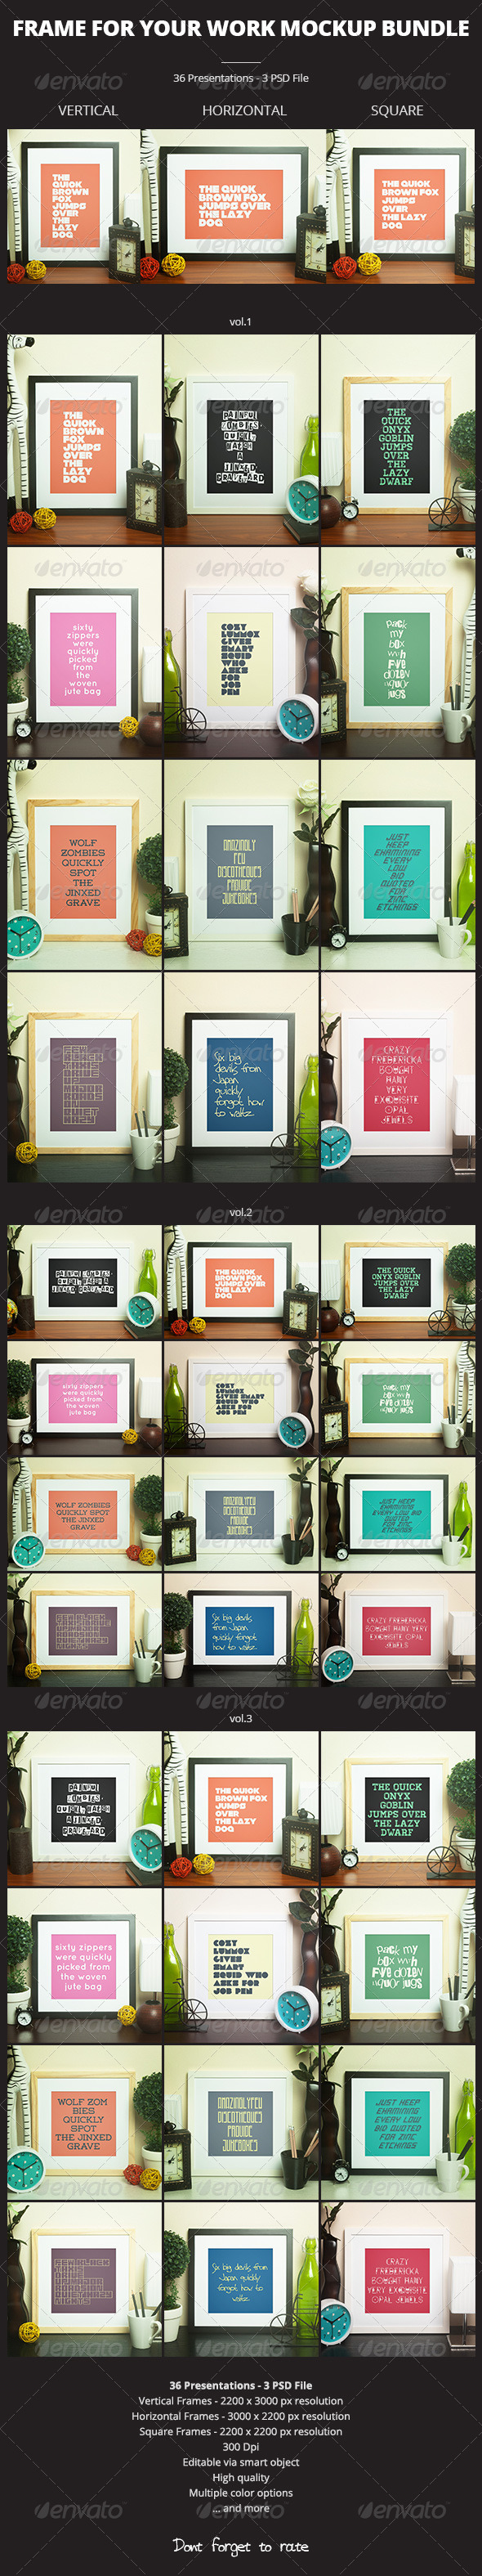 Frame For Your Work Mockup Bundle - Print Product Mock-Ups